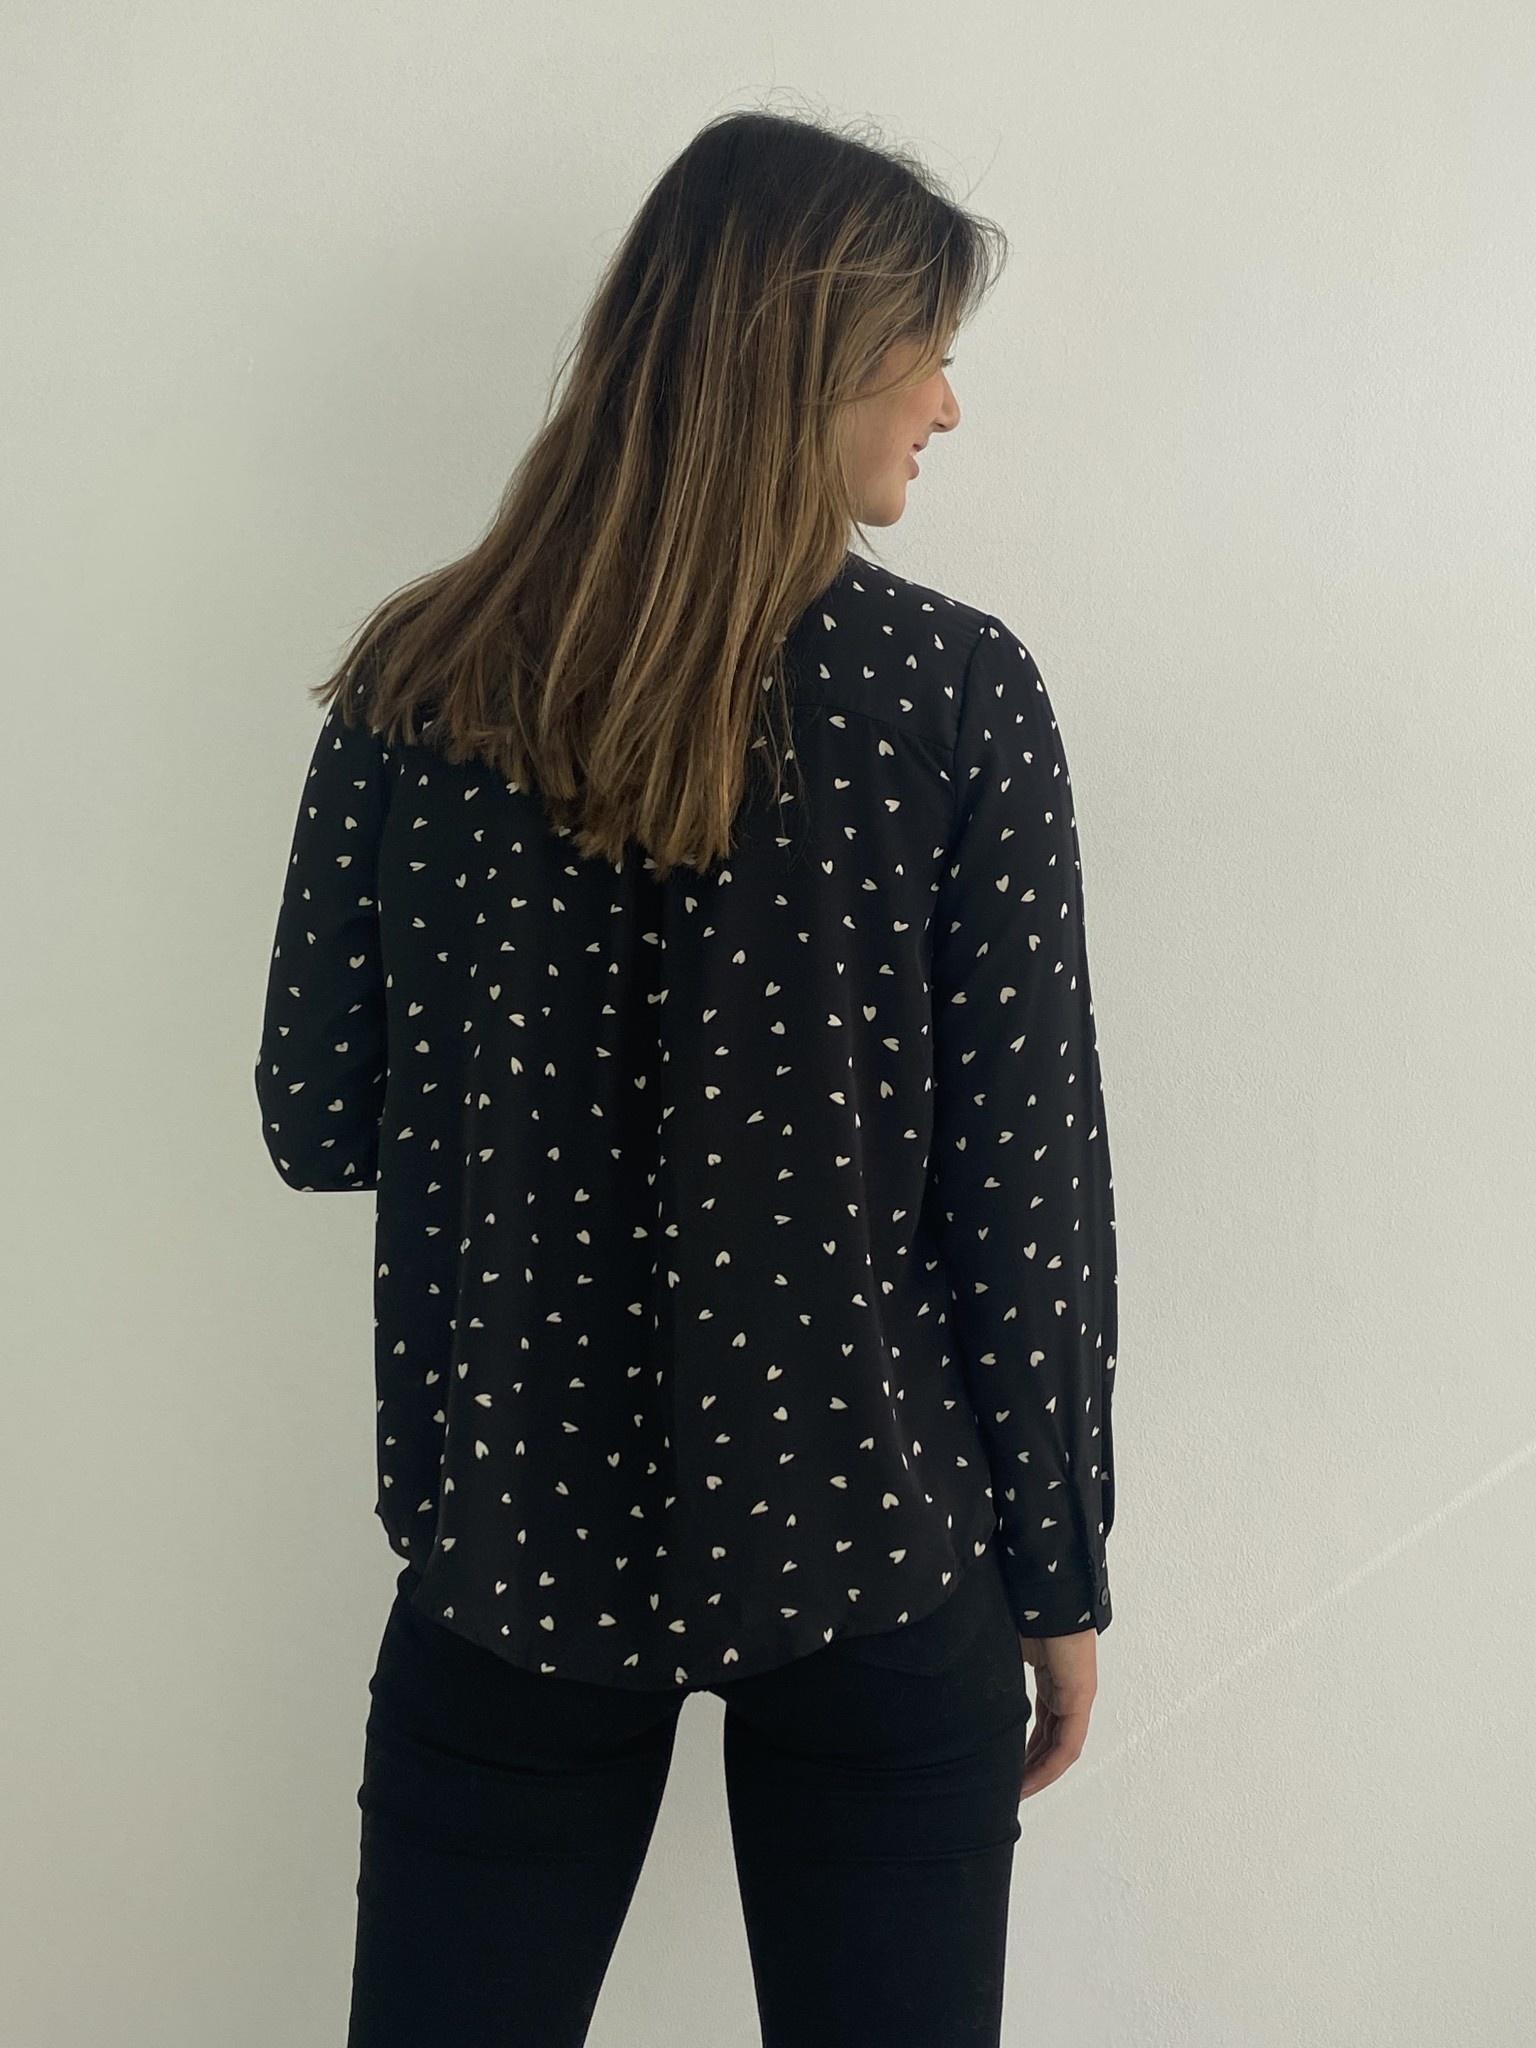 Loavi blouse Black-3